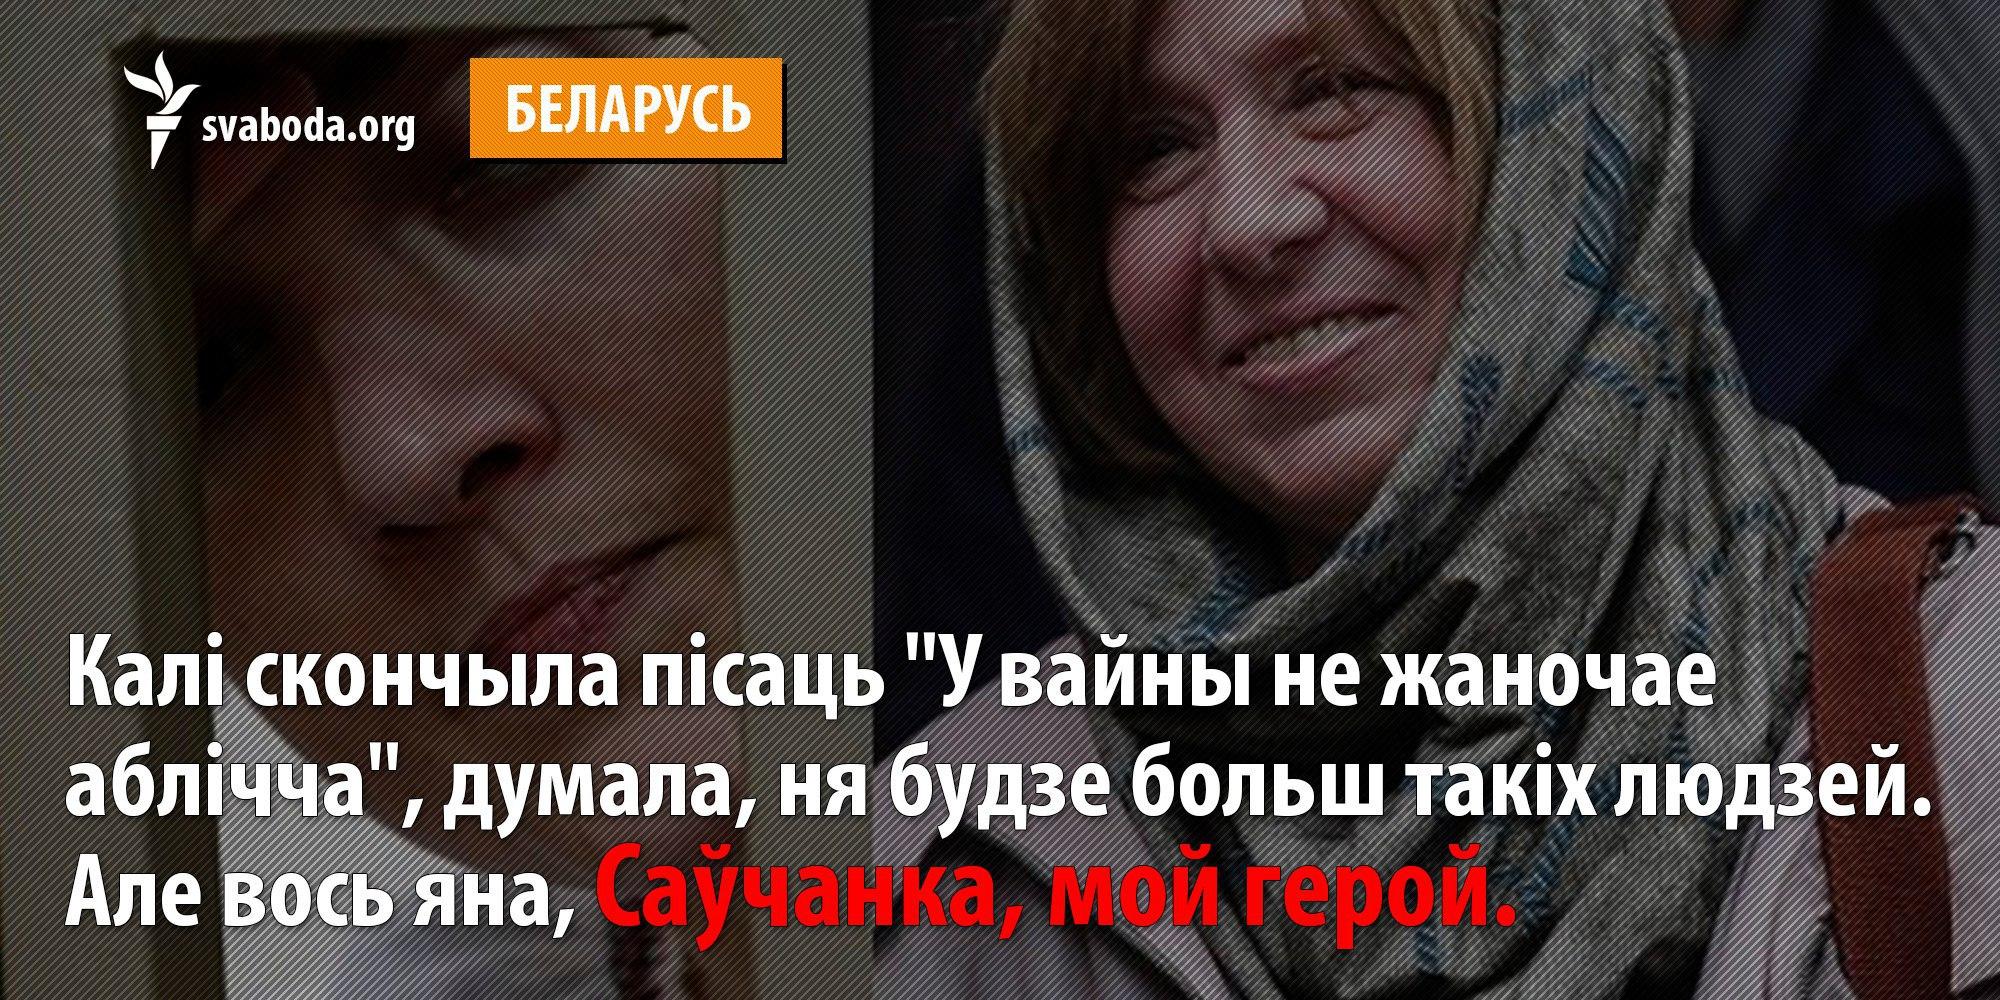 Порошенко, Меркель и Олланд призвали РФ немедленно освободить Савченко - Цензор.НЕТ 9730